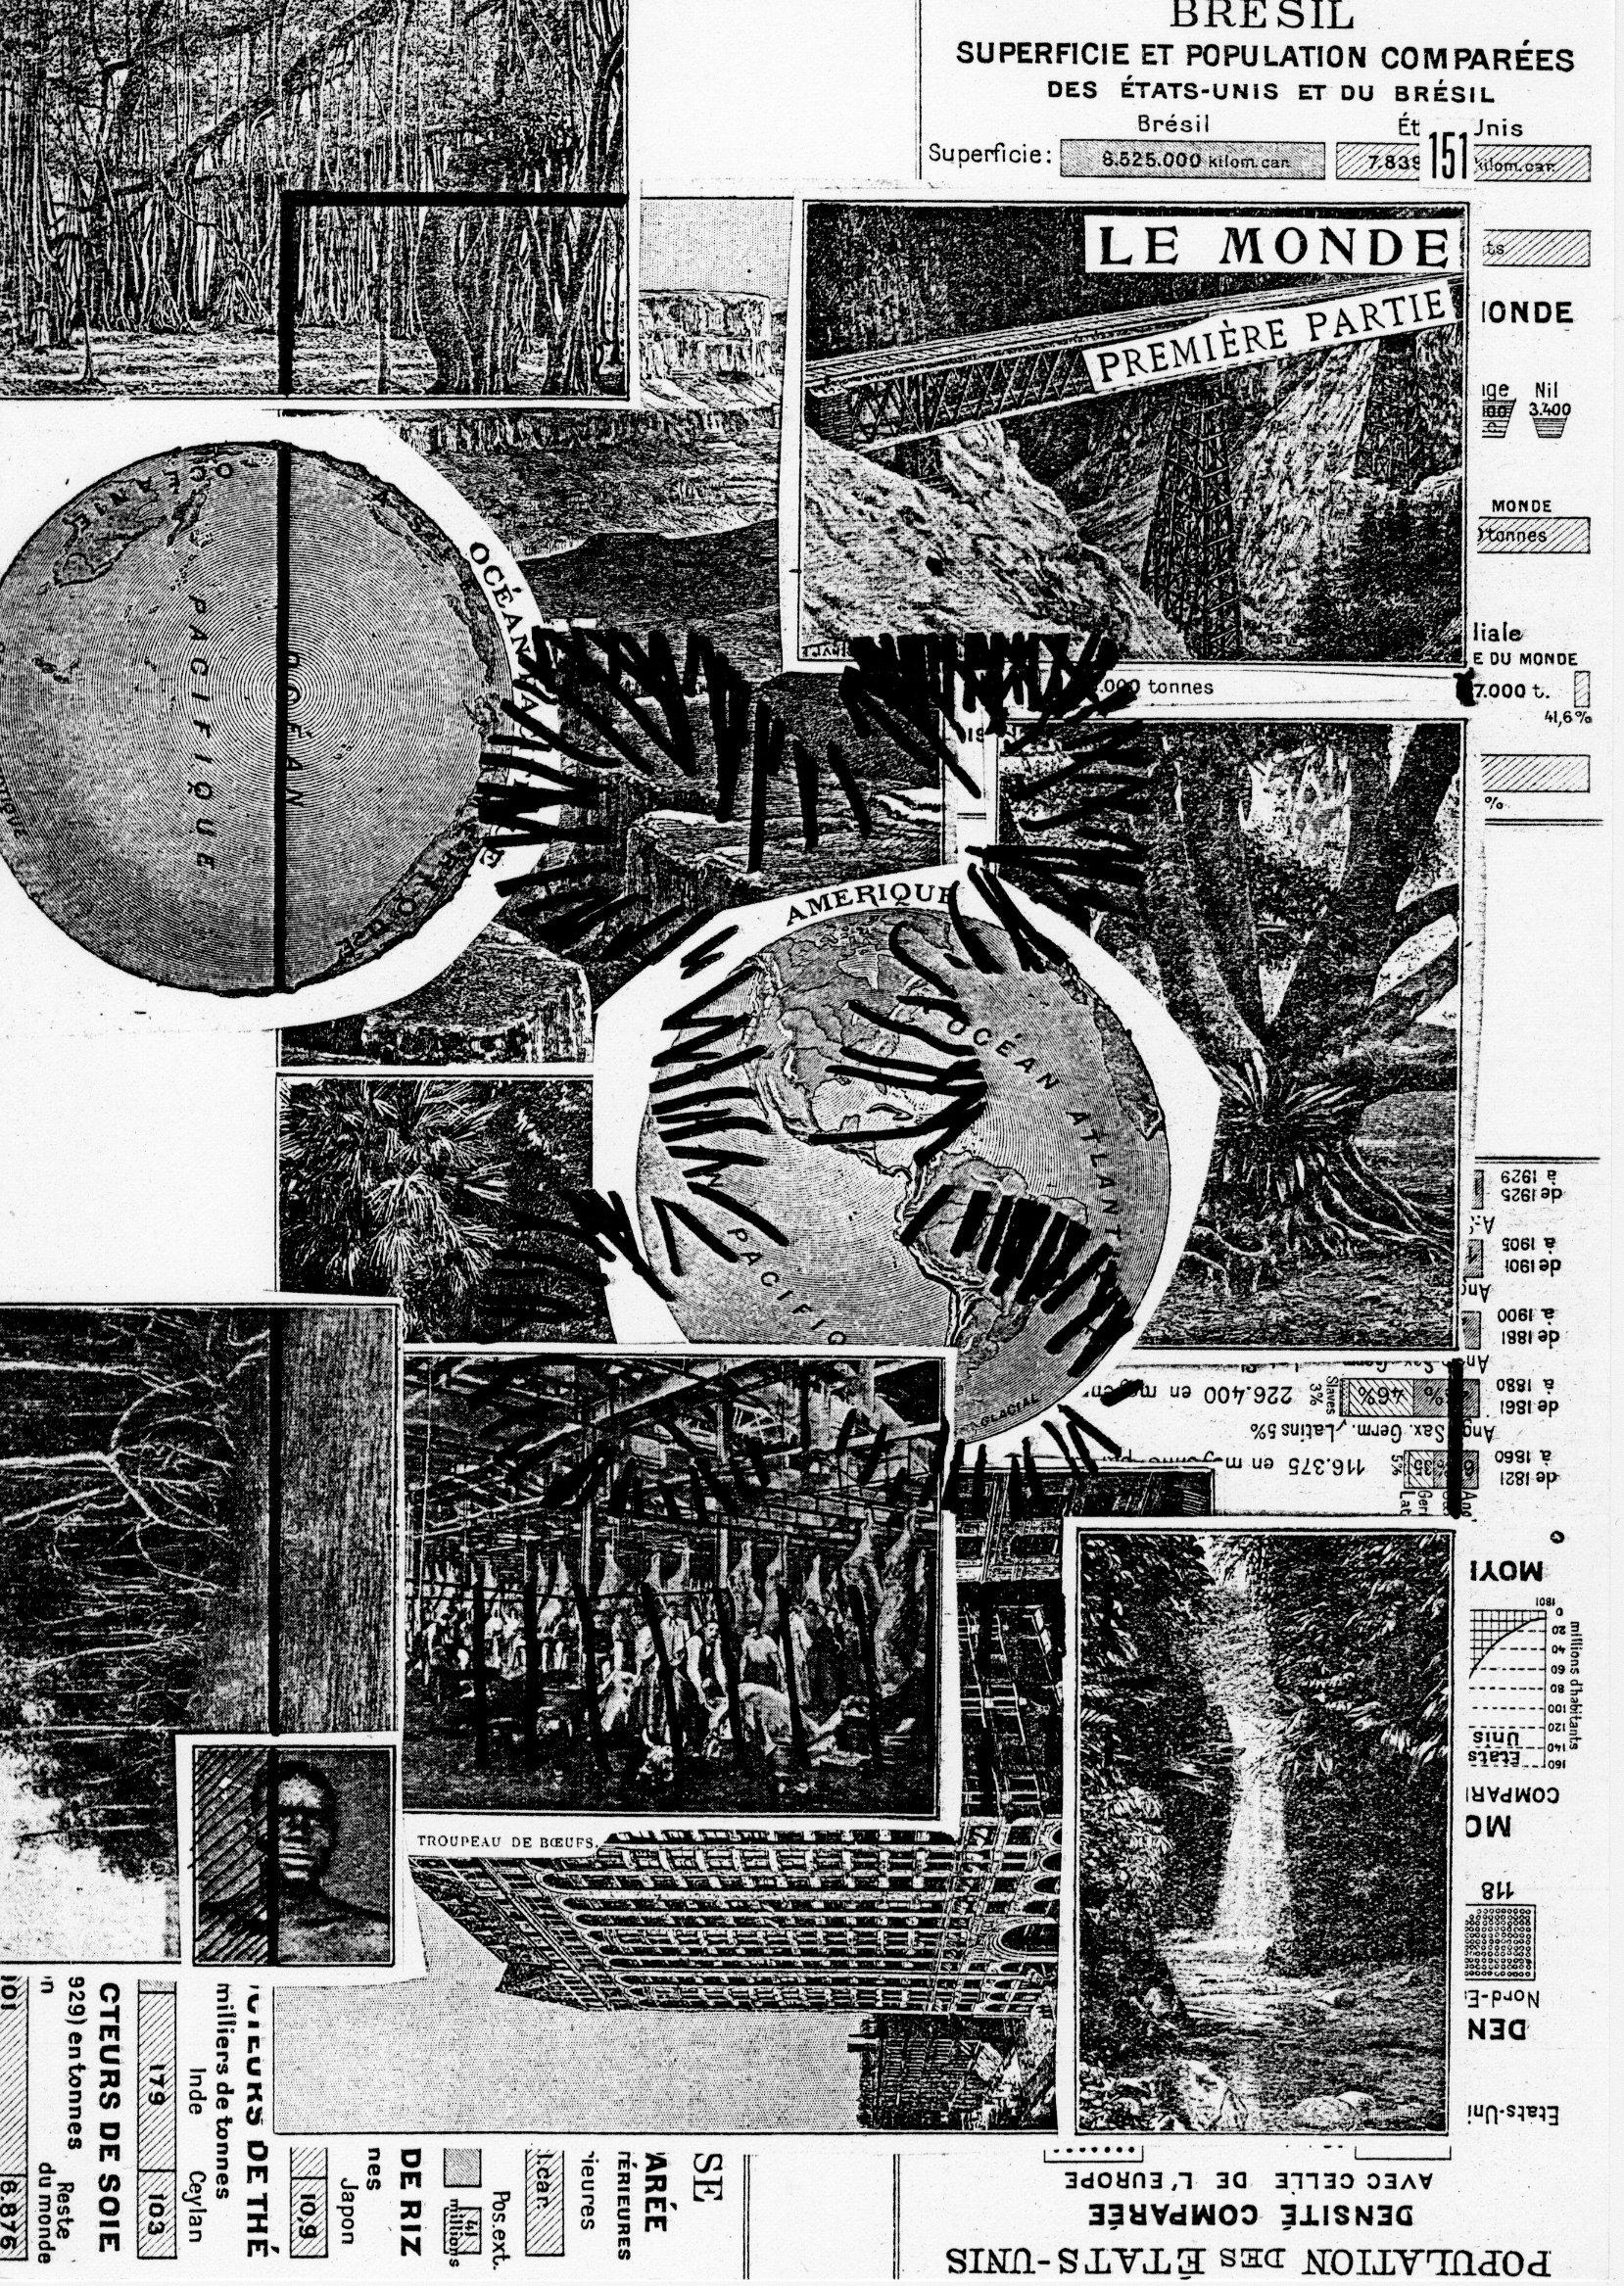 page 0151 ELEMENTS DE GEOGRAPHIE D. Som Wong LE MONDE